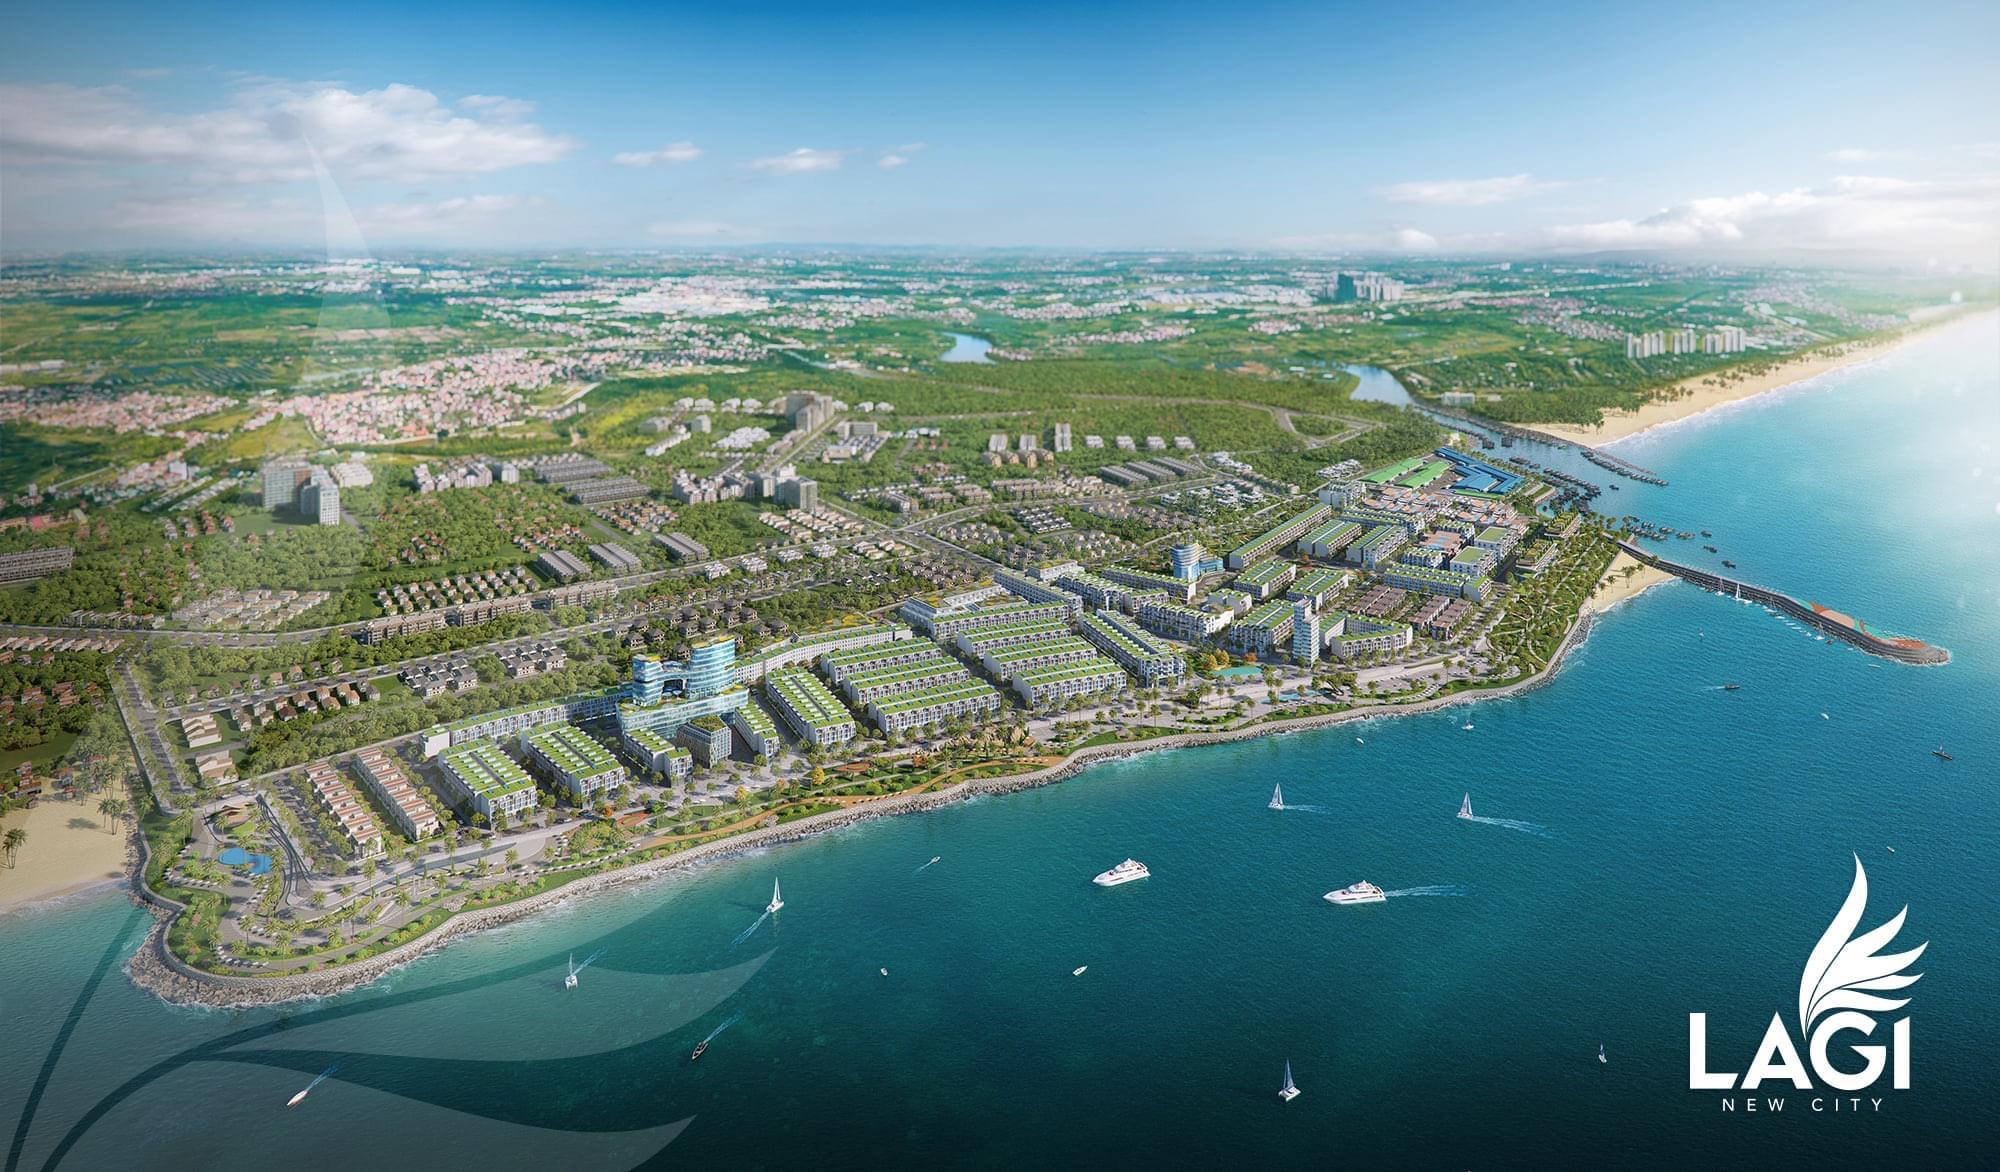 Phối cảnh Dự án Phức hợp Đô thị Thương mại Dịch vụ & Du lịch Biển Lagi New City